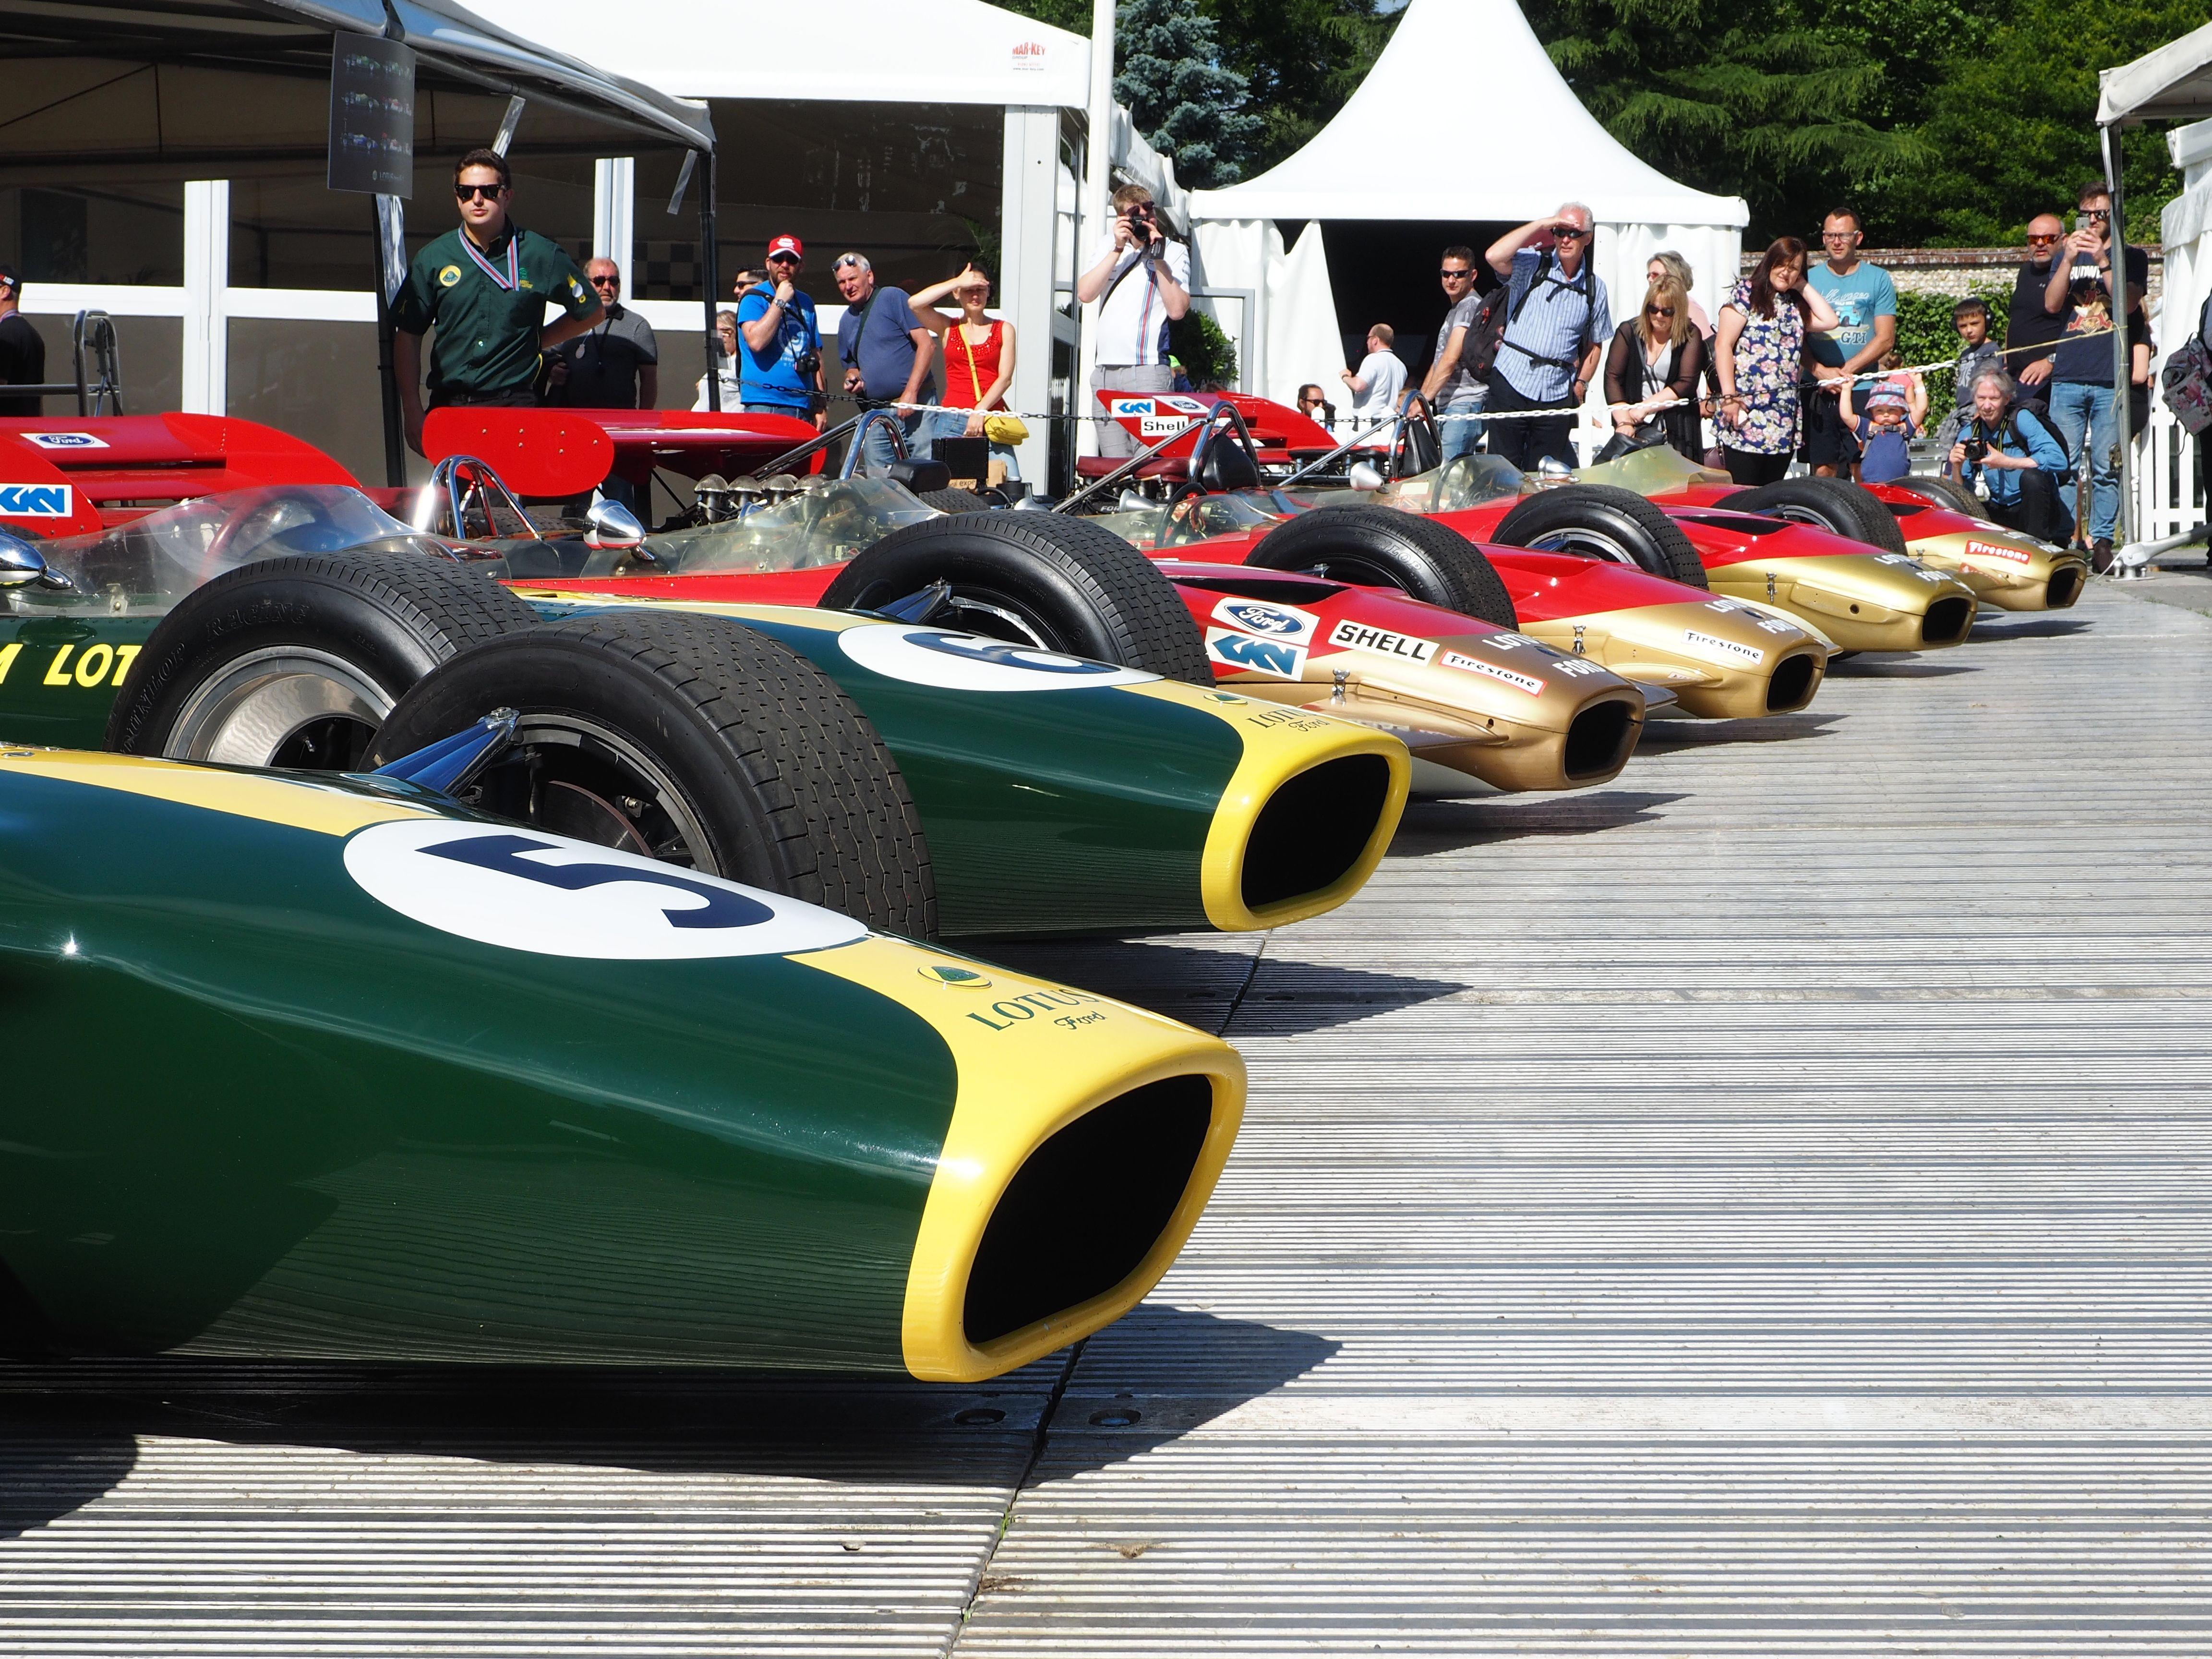 Lotus Cosworth 49   Lotus cars   Pinterest   Lotus, Lotus car and Cars